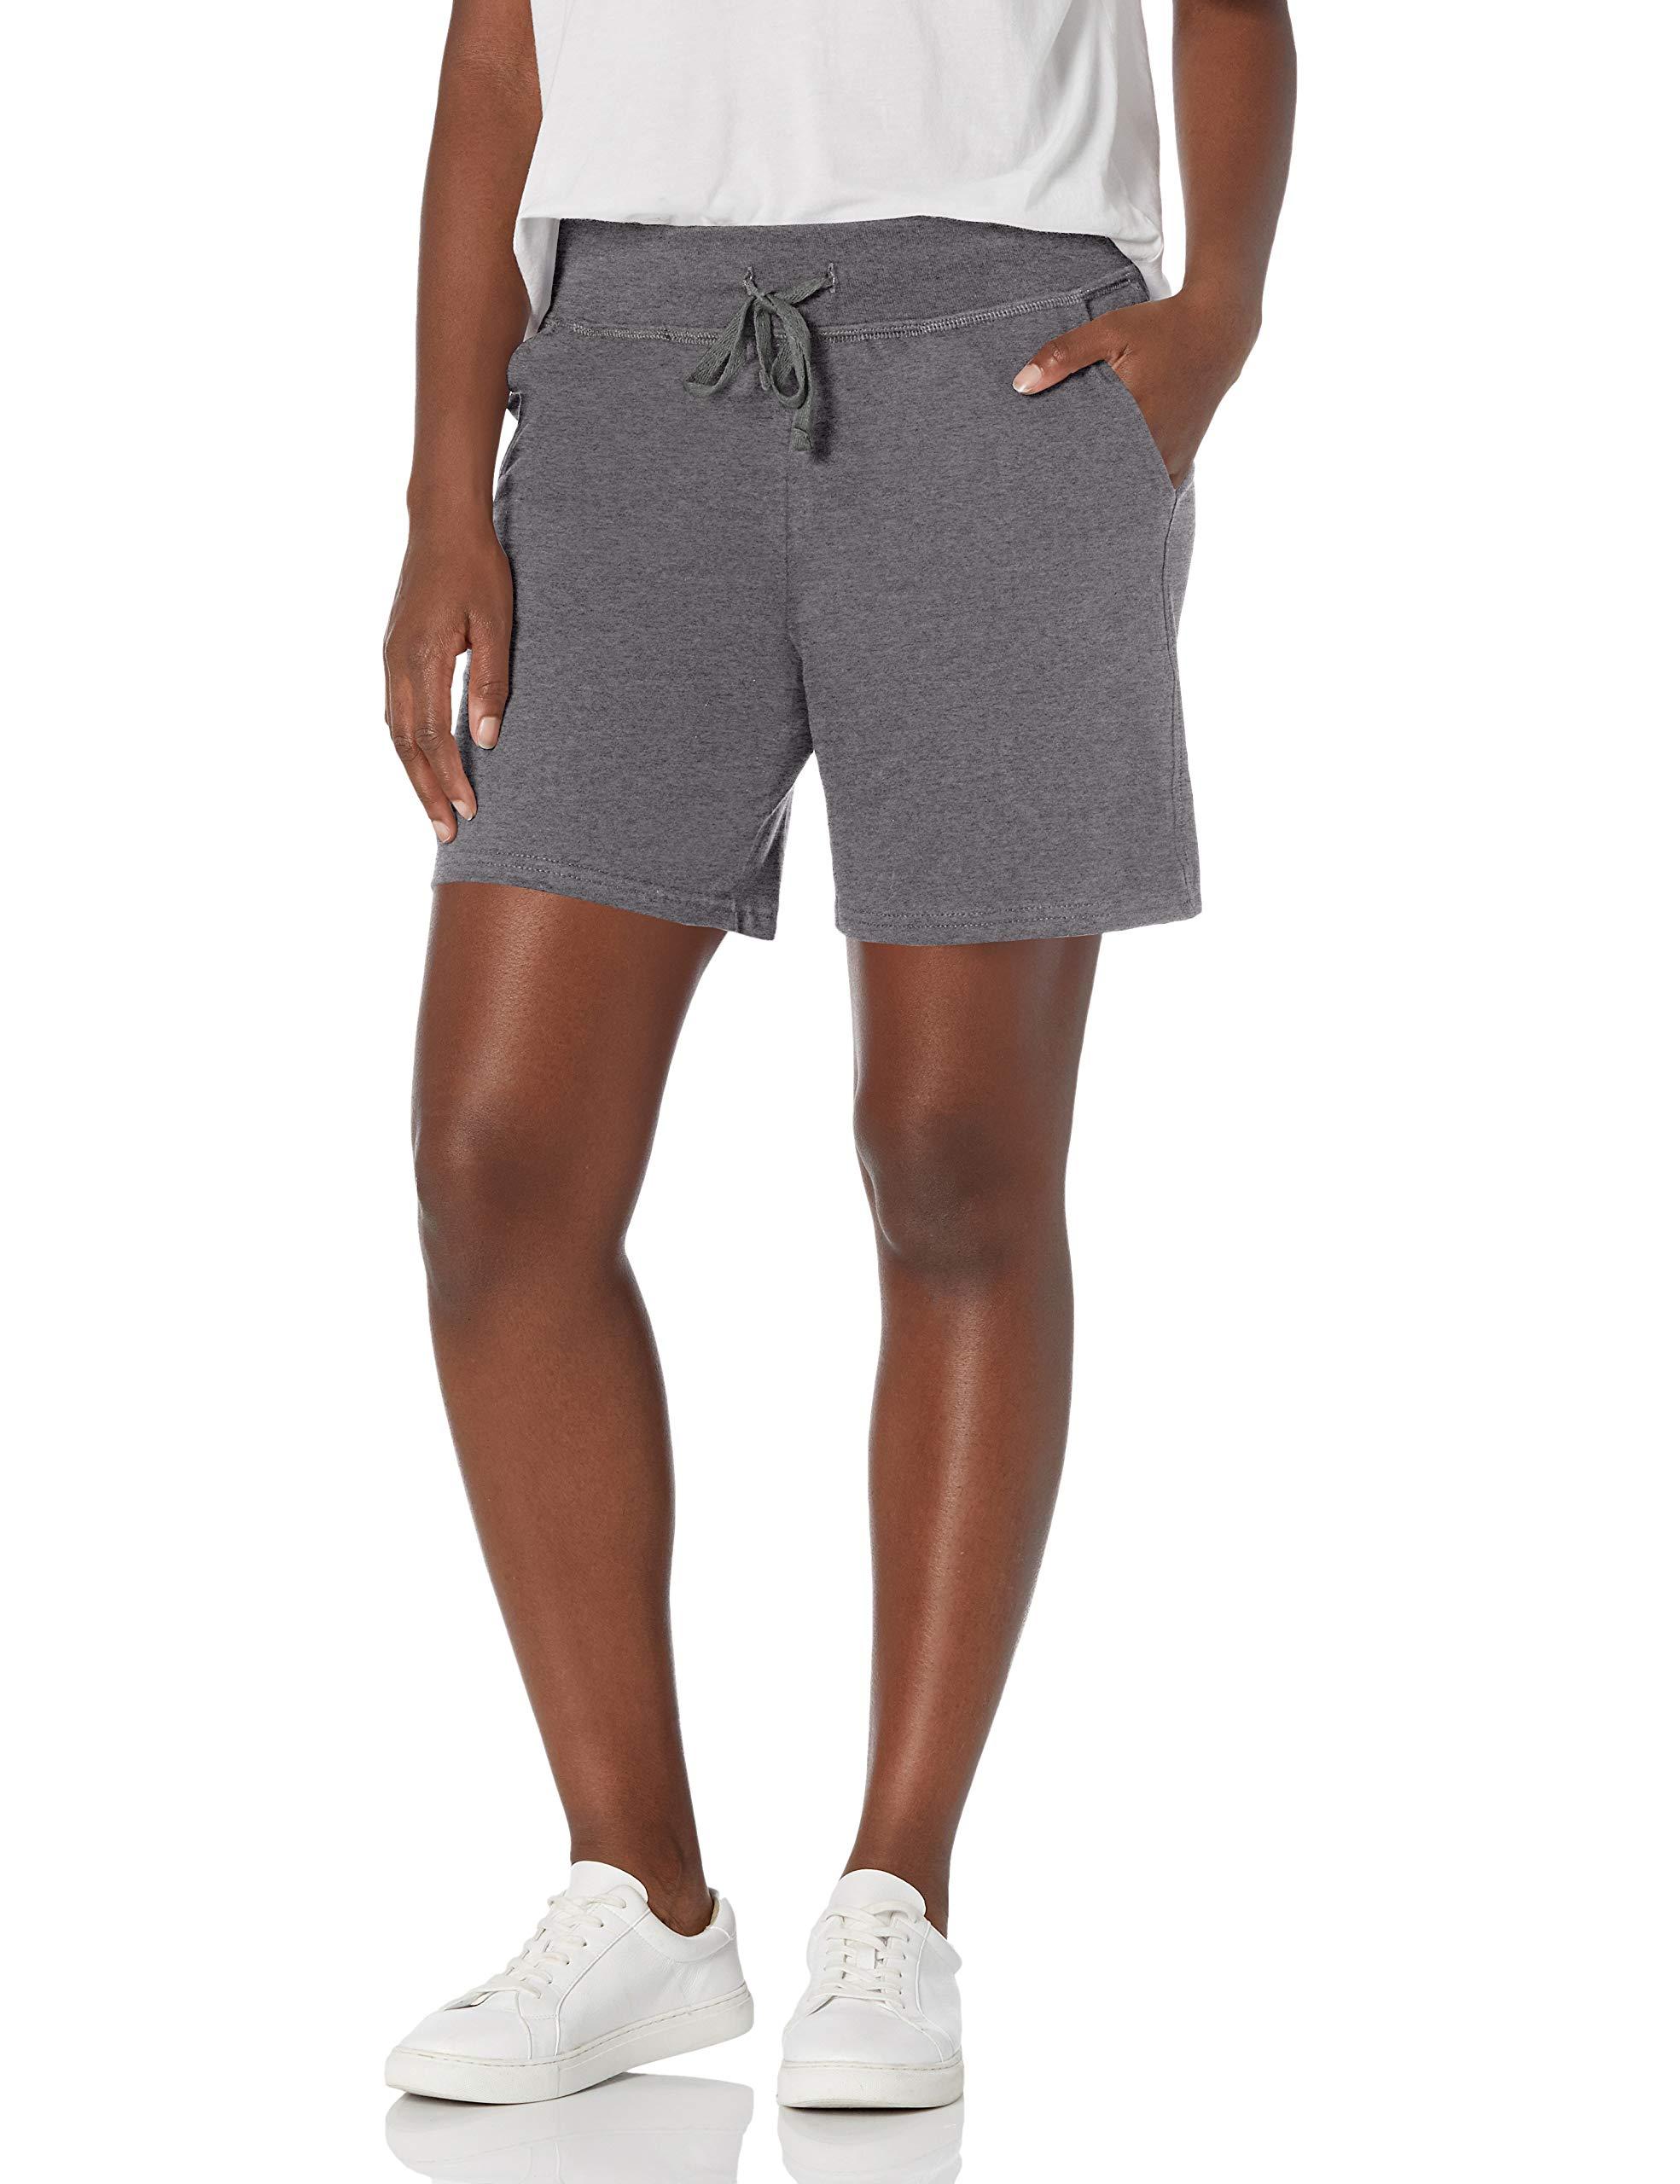 Women's Jersey Short